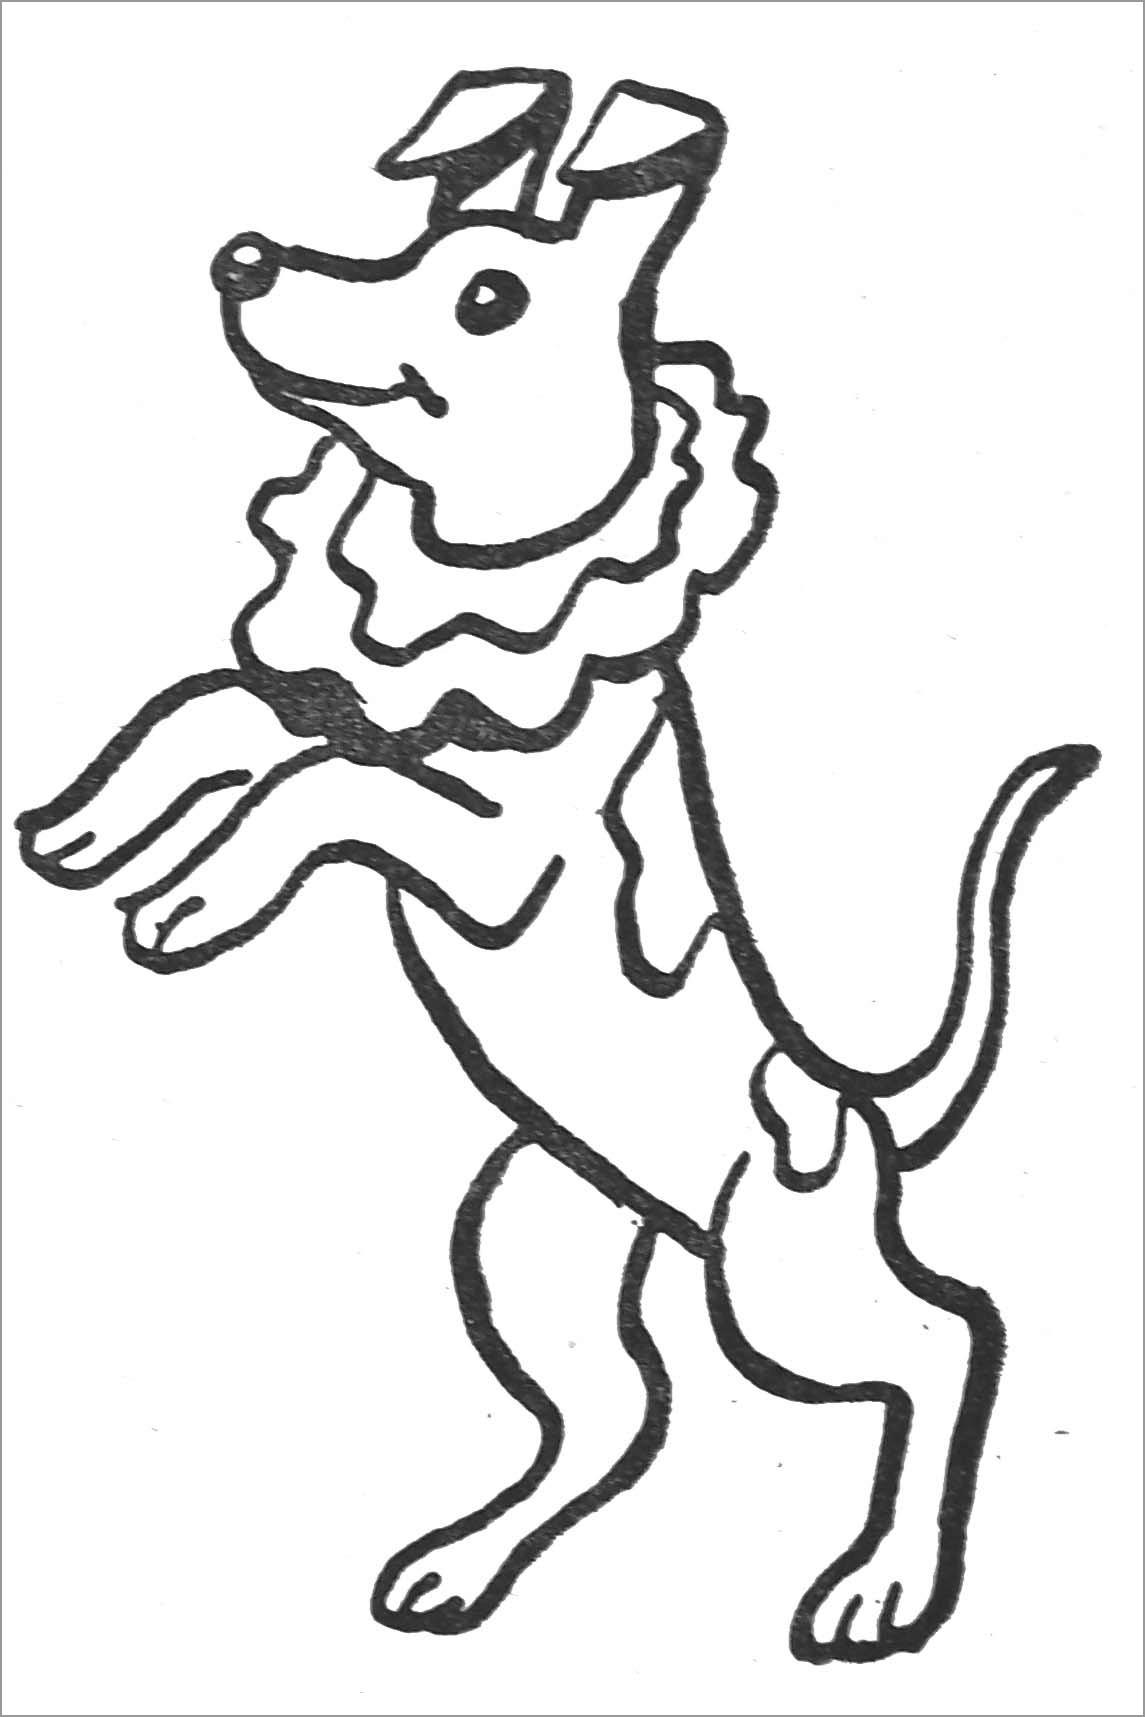 Dog Circus Animal Coloring Page